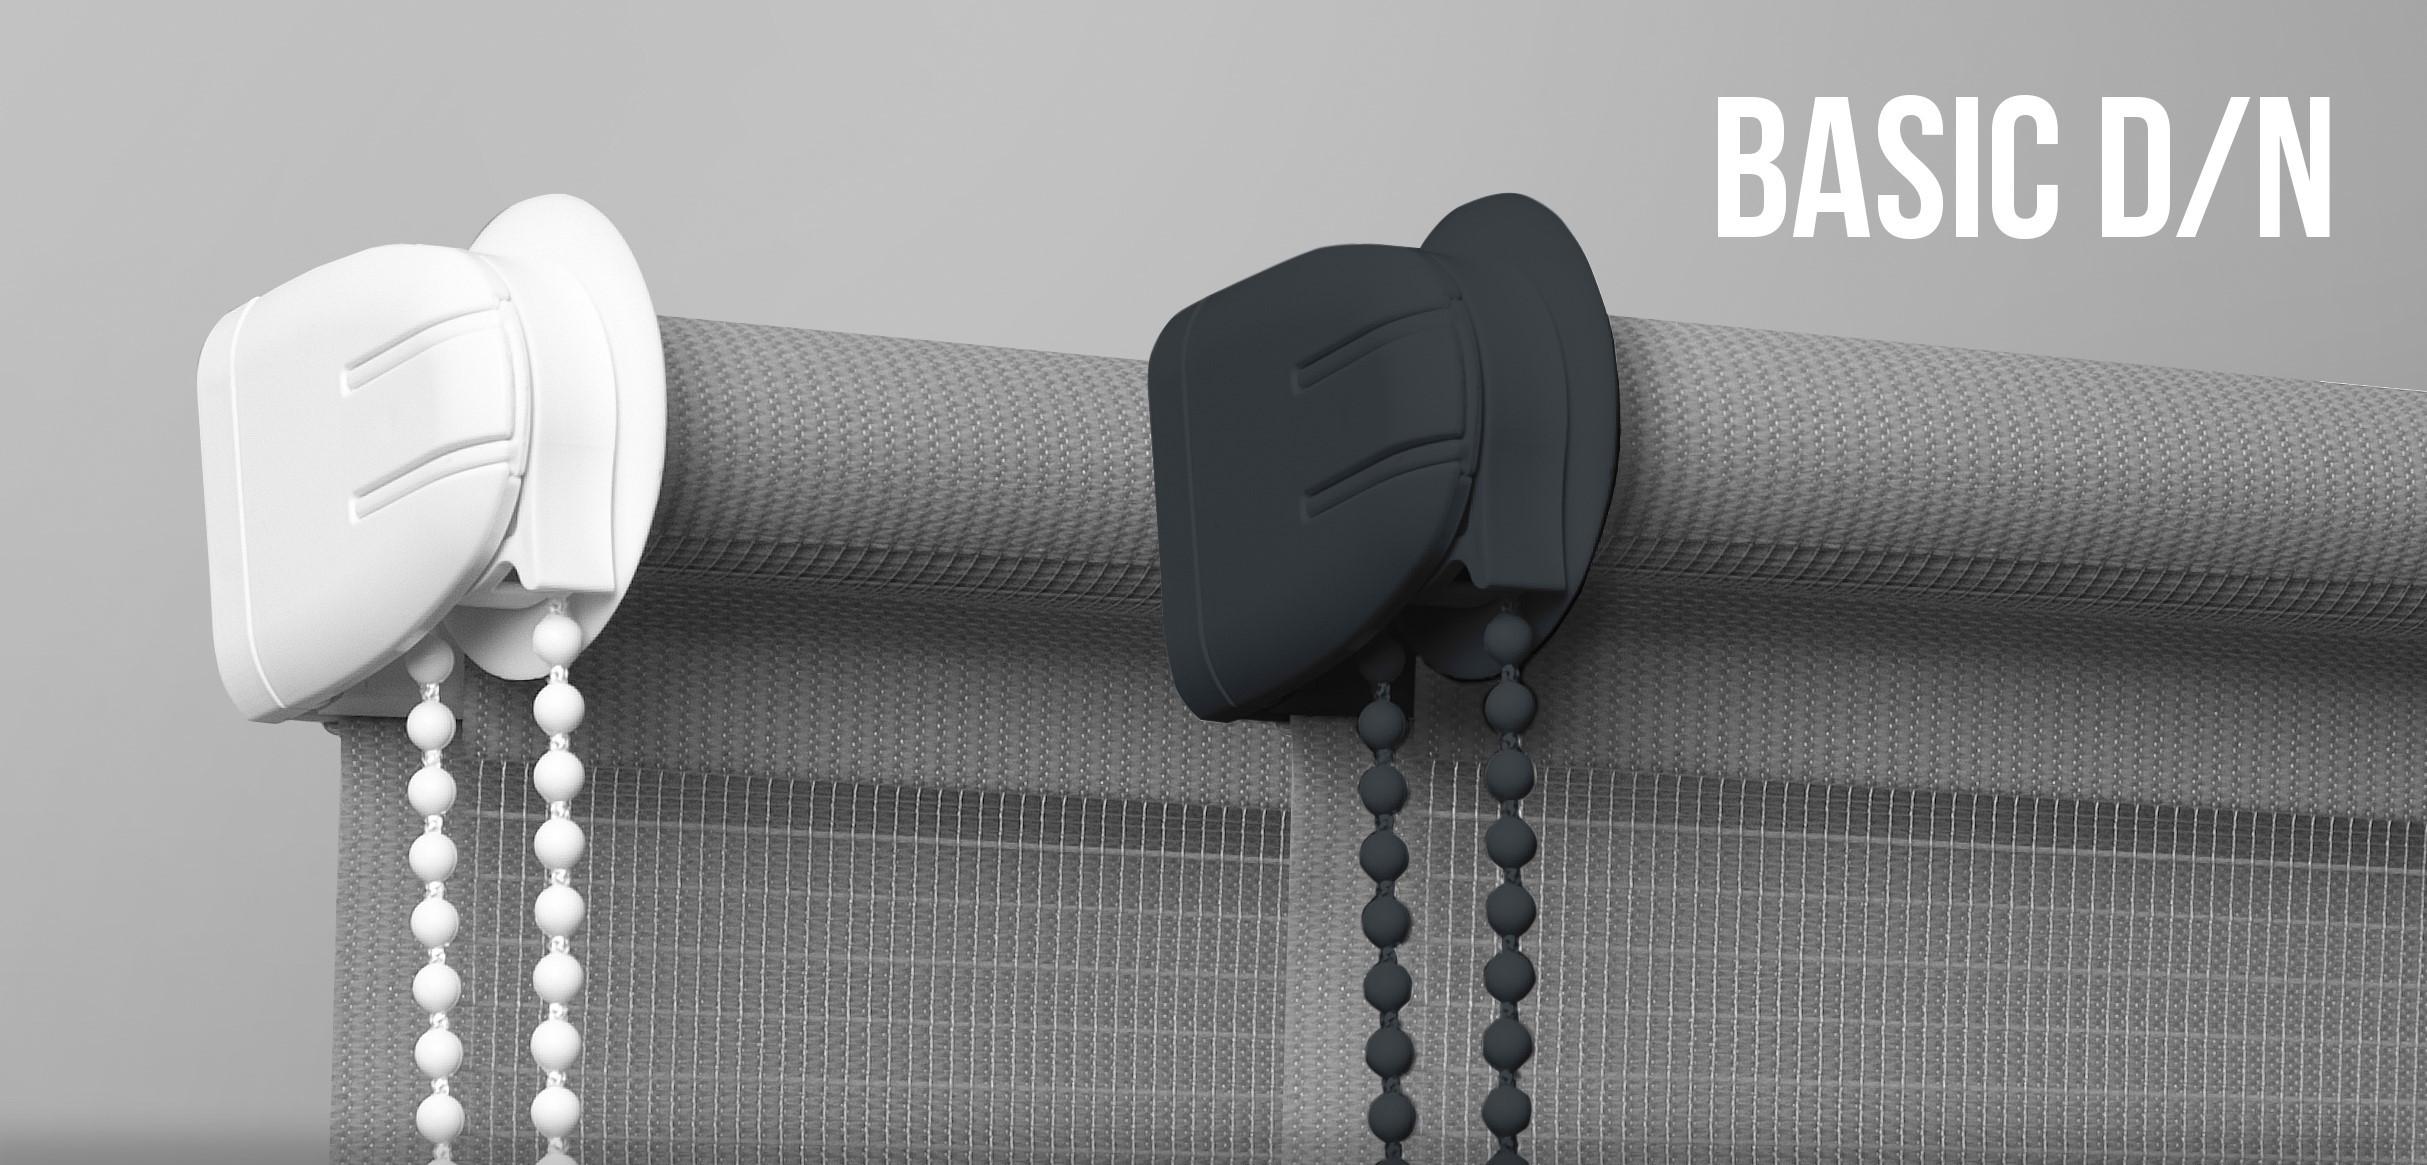 New version of the Zonda Basic DN roller blind